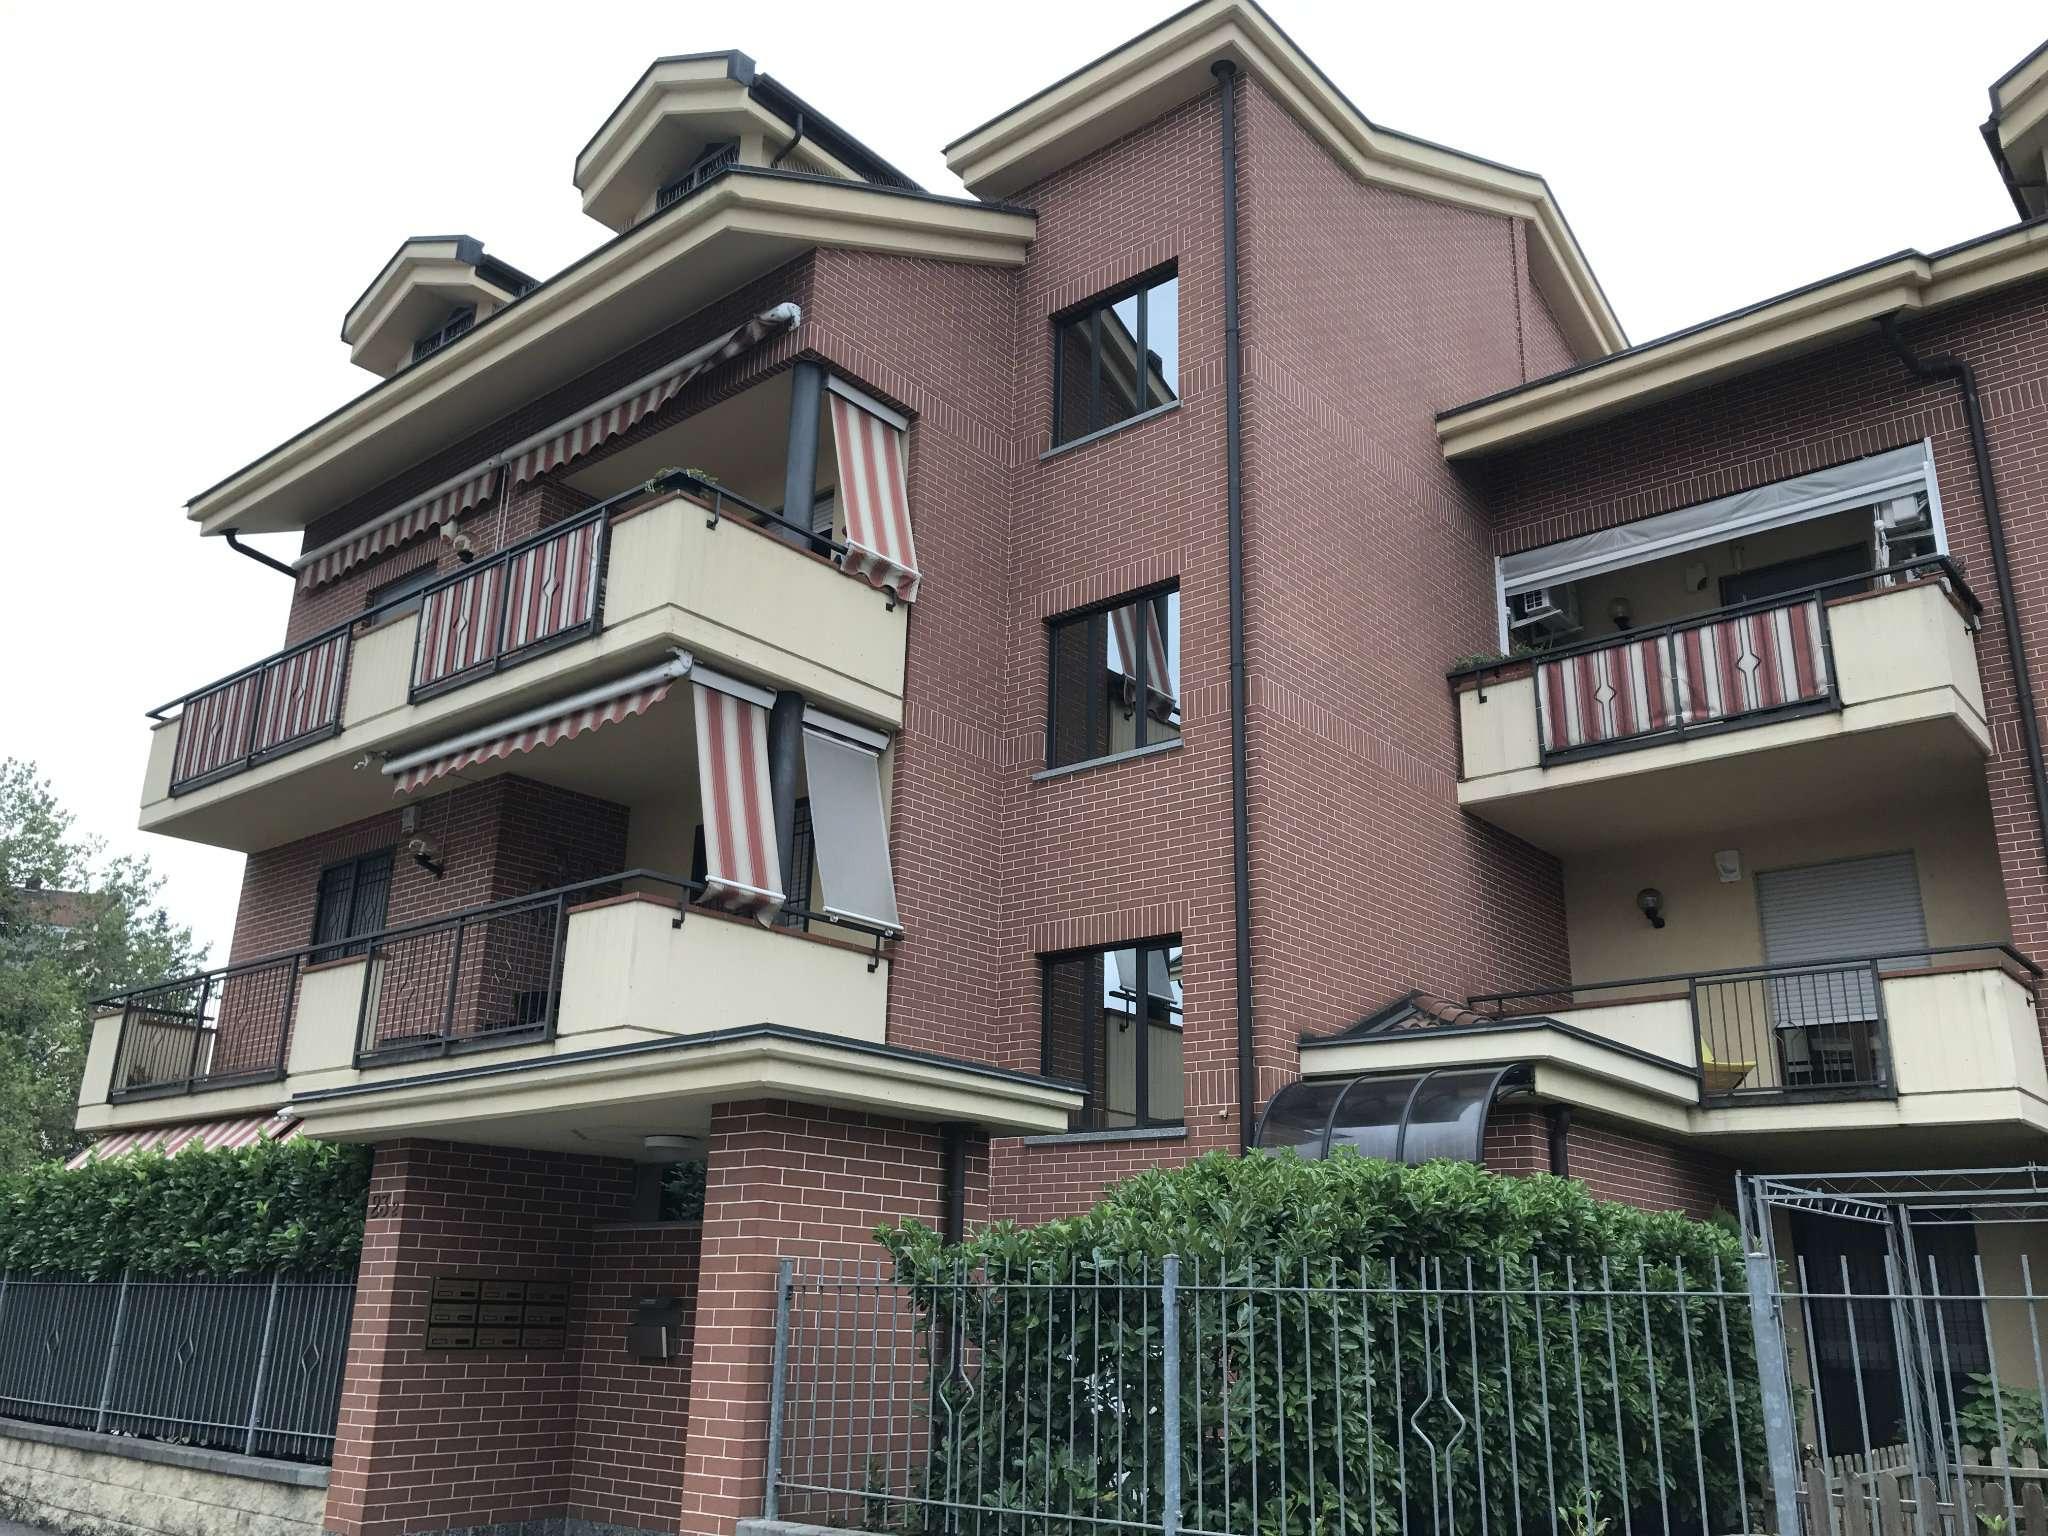 Appartamento in vendita a Nichelino, 5 locali, prezzo € 220.000 | CambioCasa.it